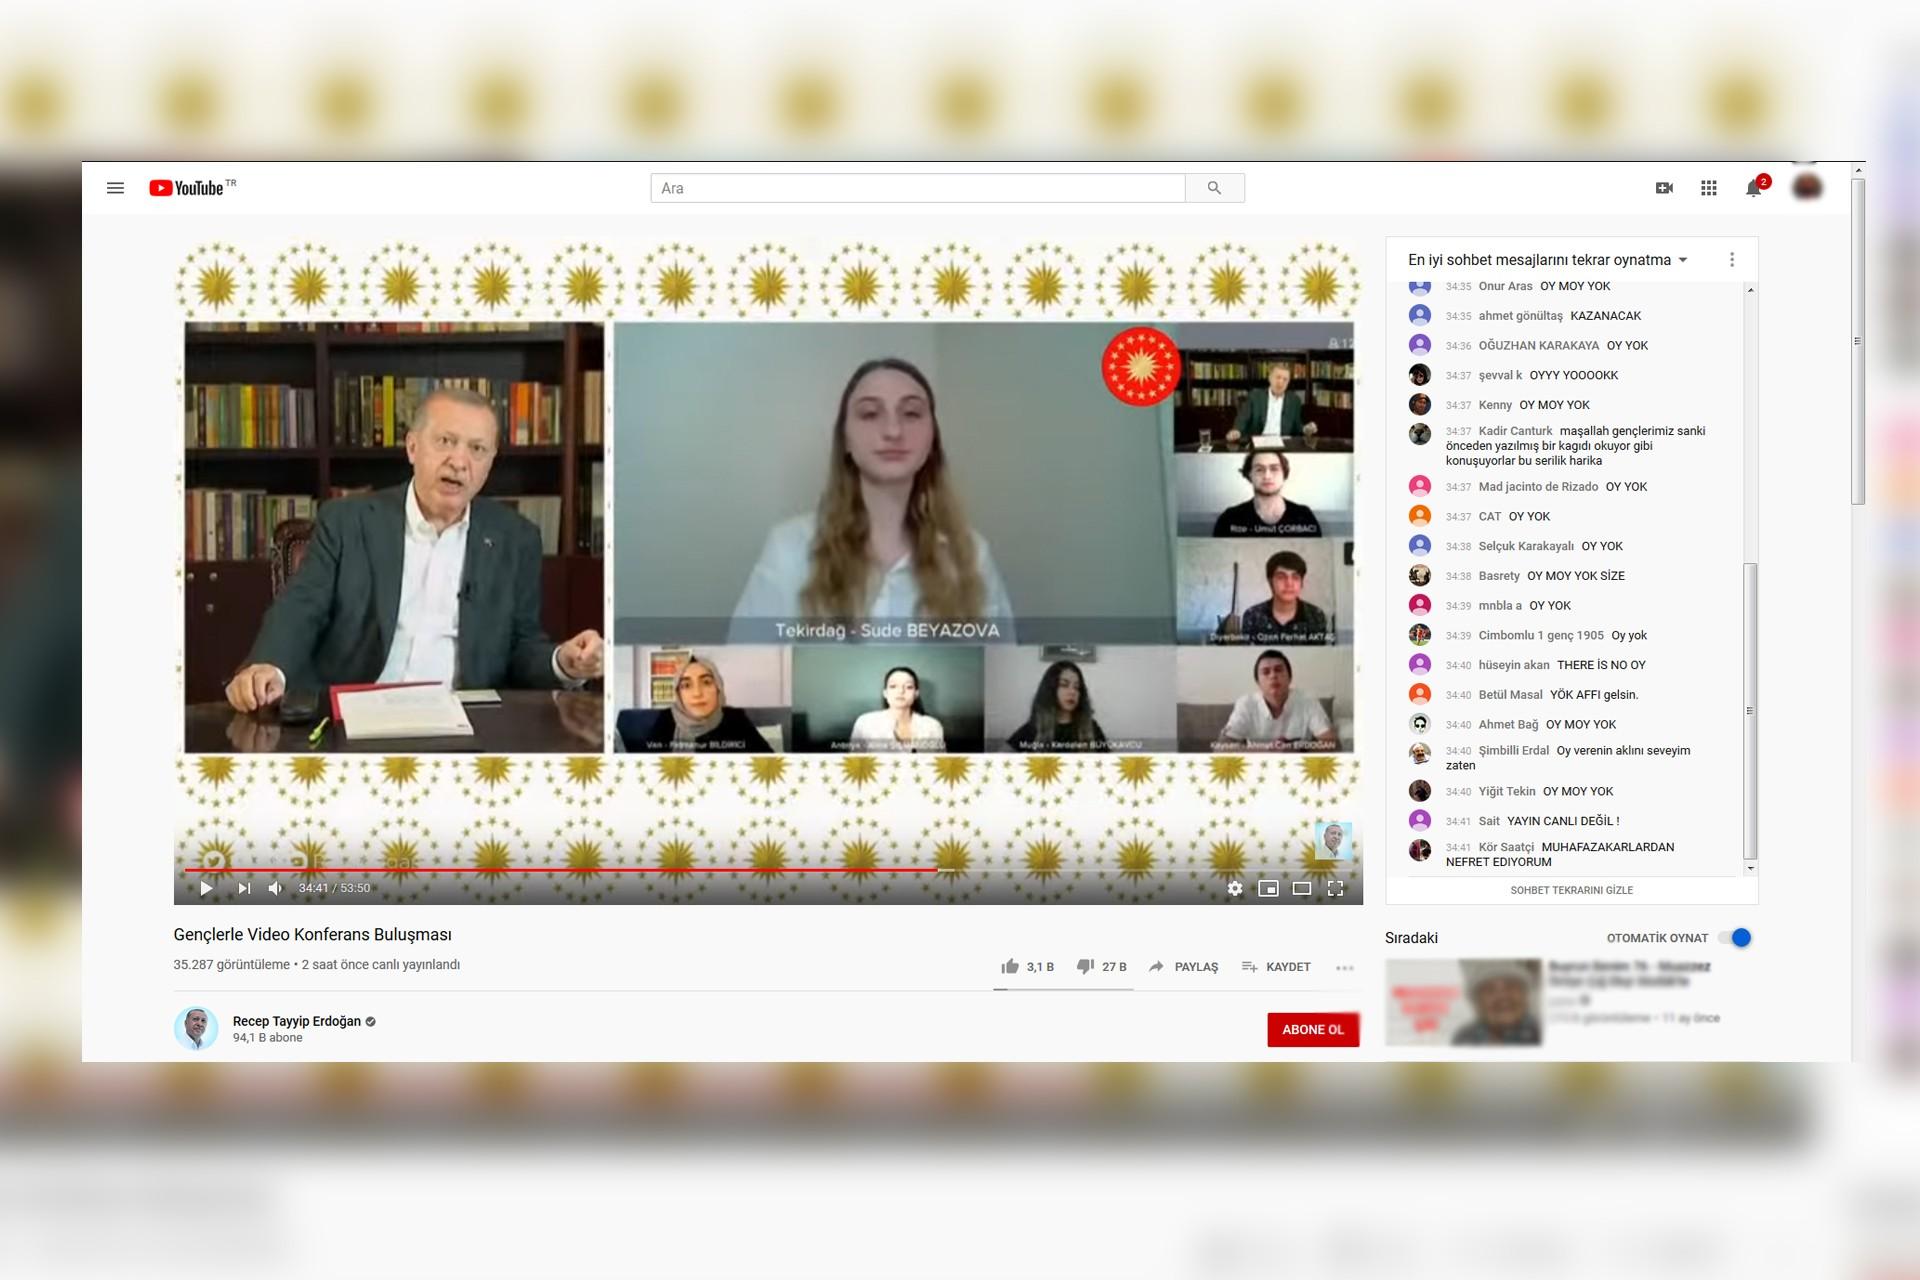 Z Kuşağı #OyMoyYok Hareketi Başlattı: Erdoğan'ın Videosu 'Dislike' Bombardımanına Tutuluyor